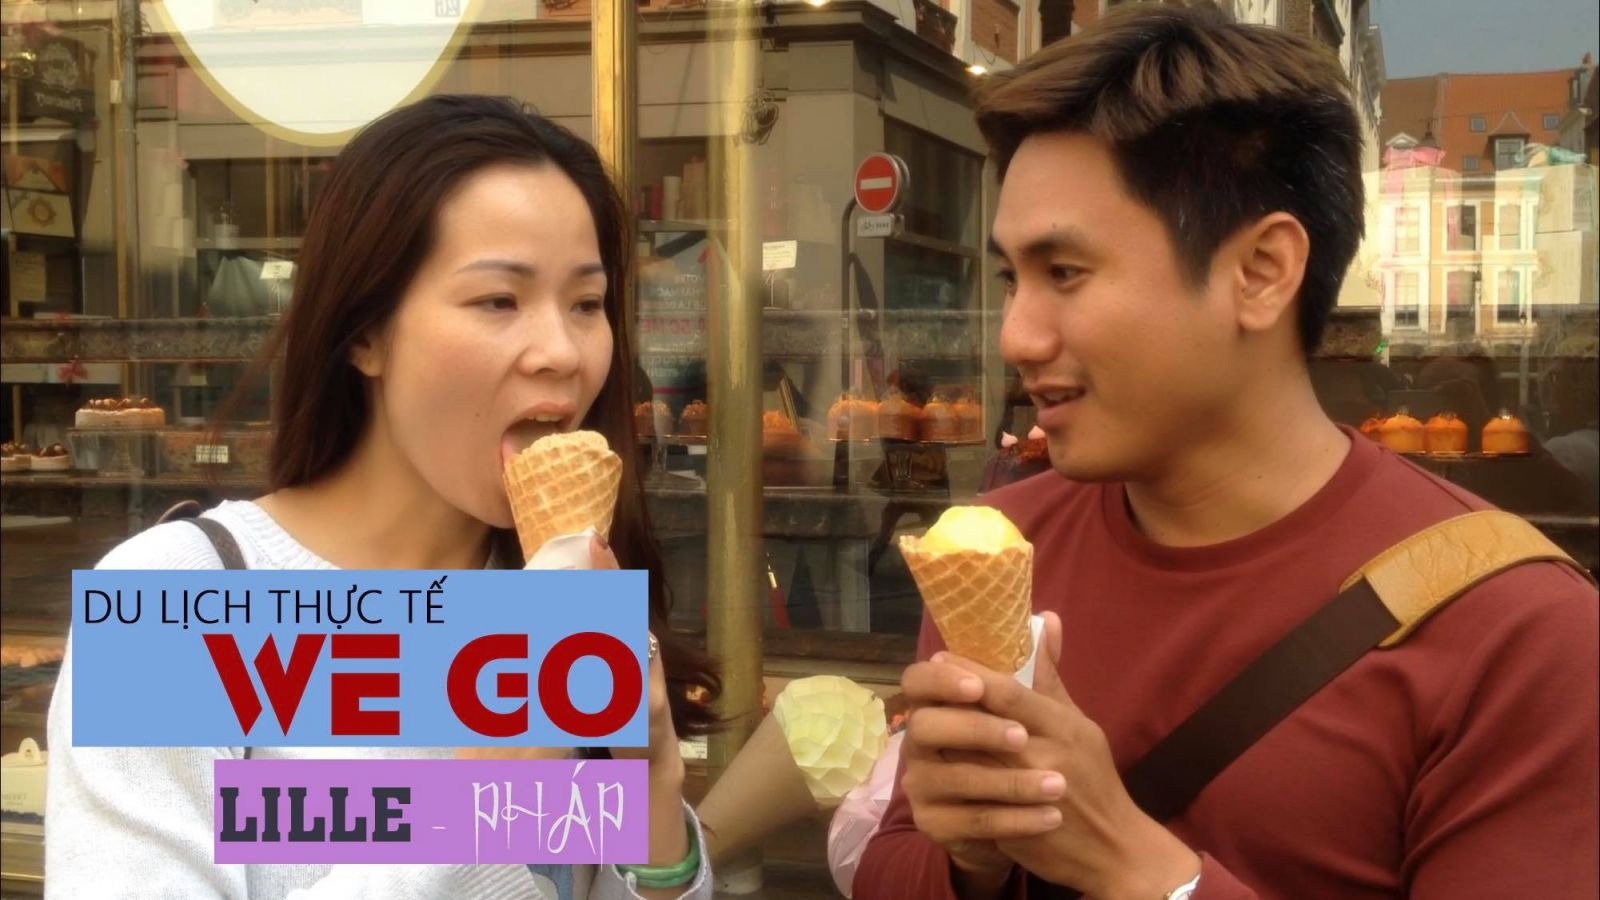 Cô gái Việt làm phim về nước Pháp